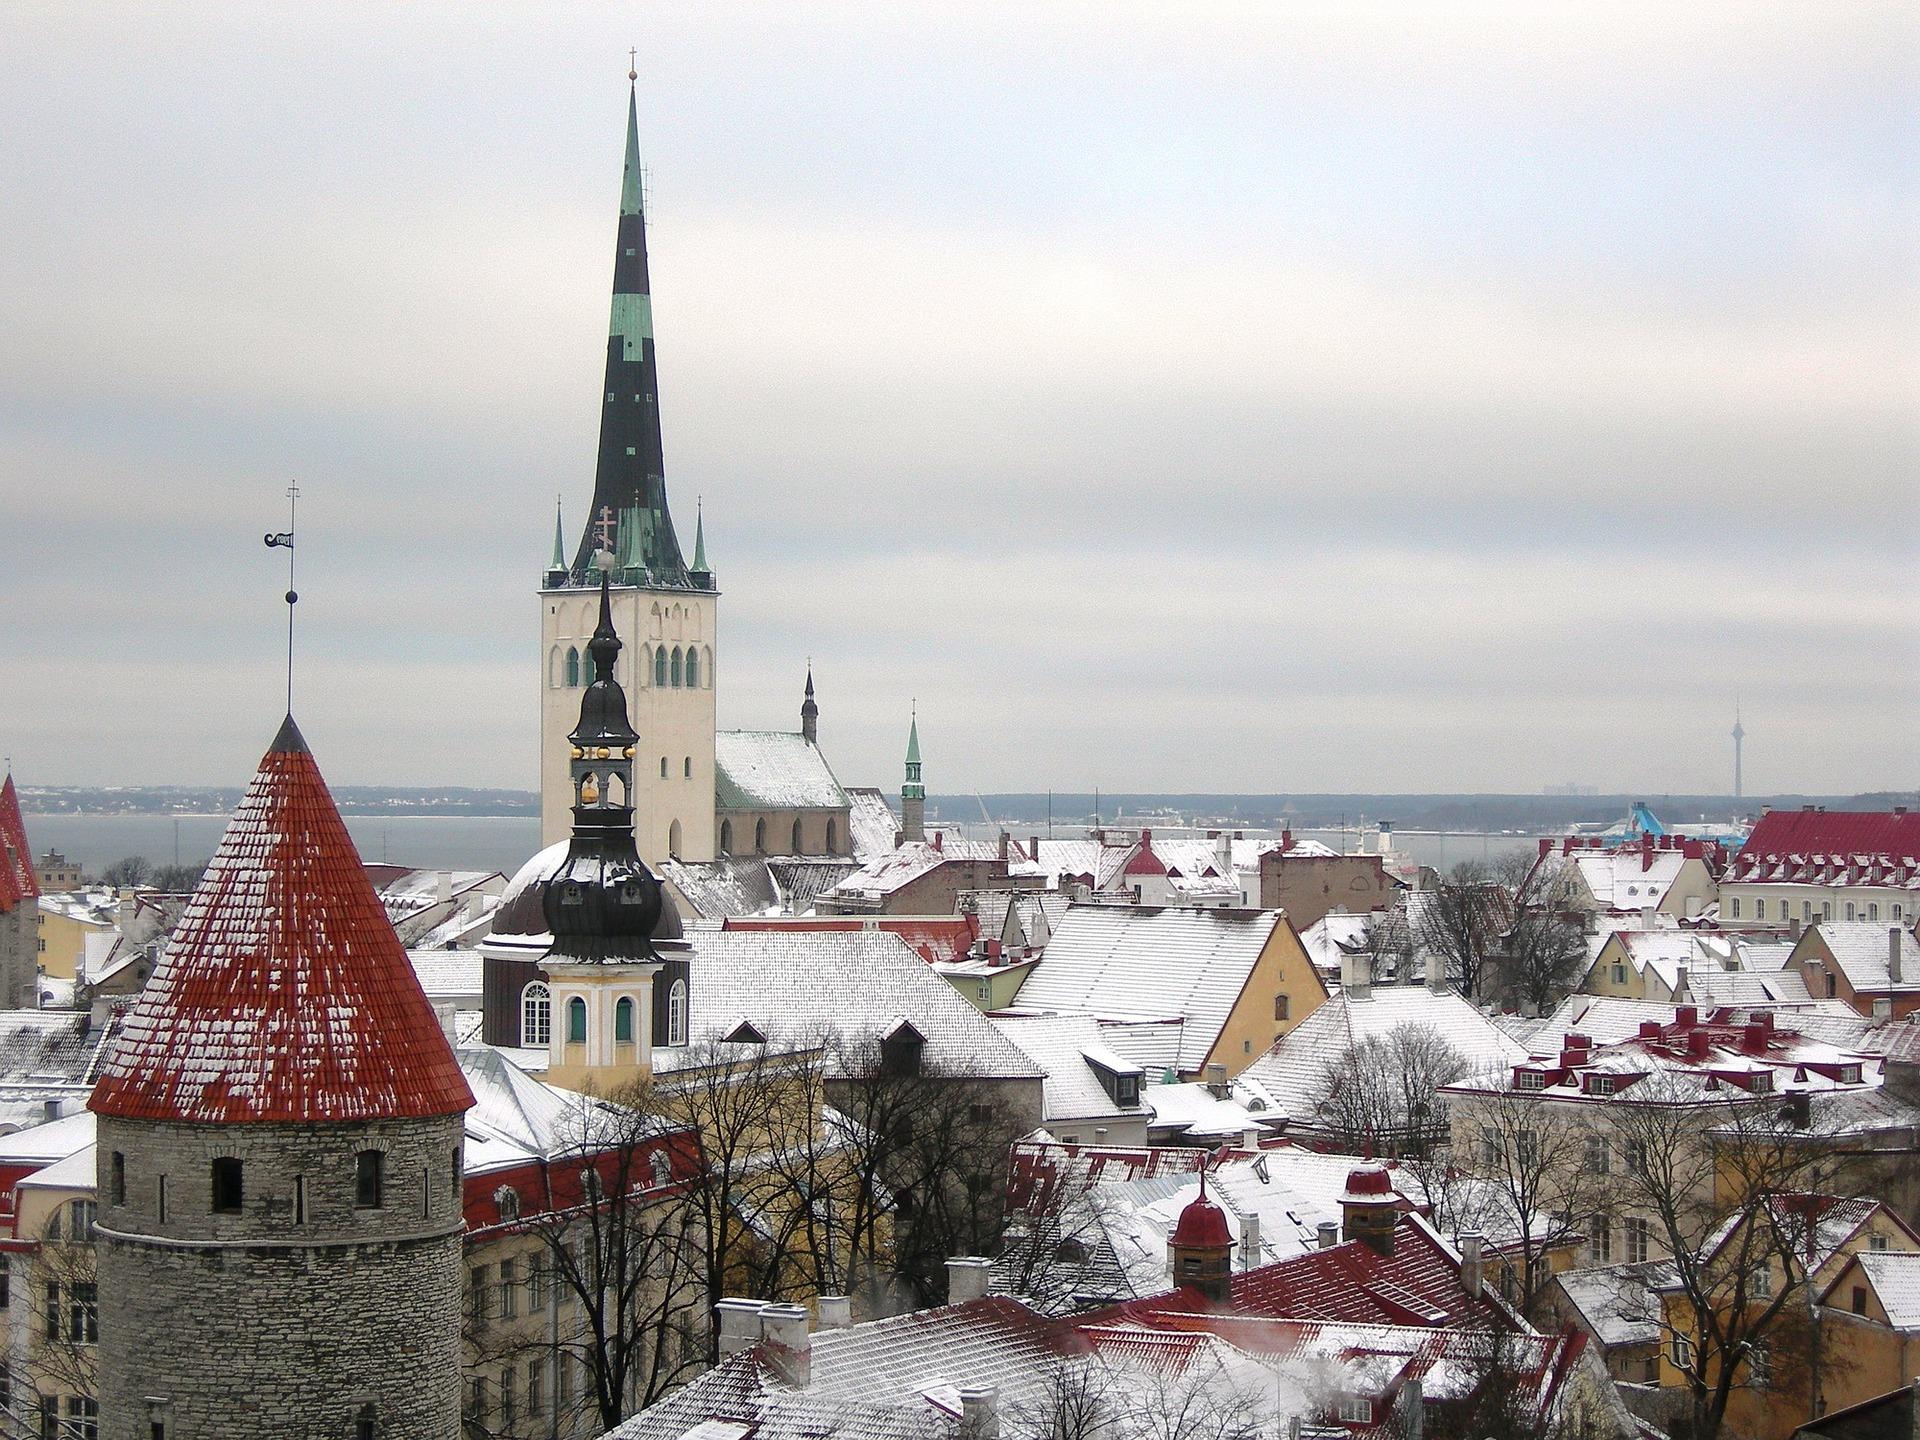 3. Mercado en la Plaza del Antiguo Ayuntamiento. Tallin, Estonia